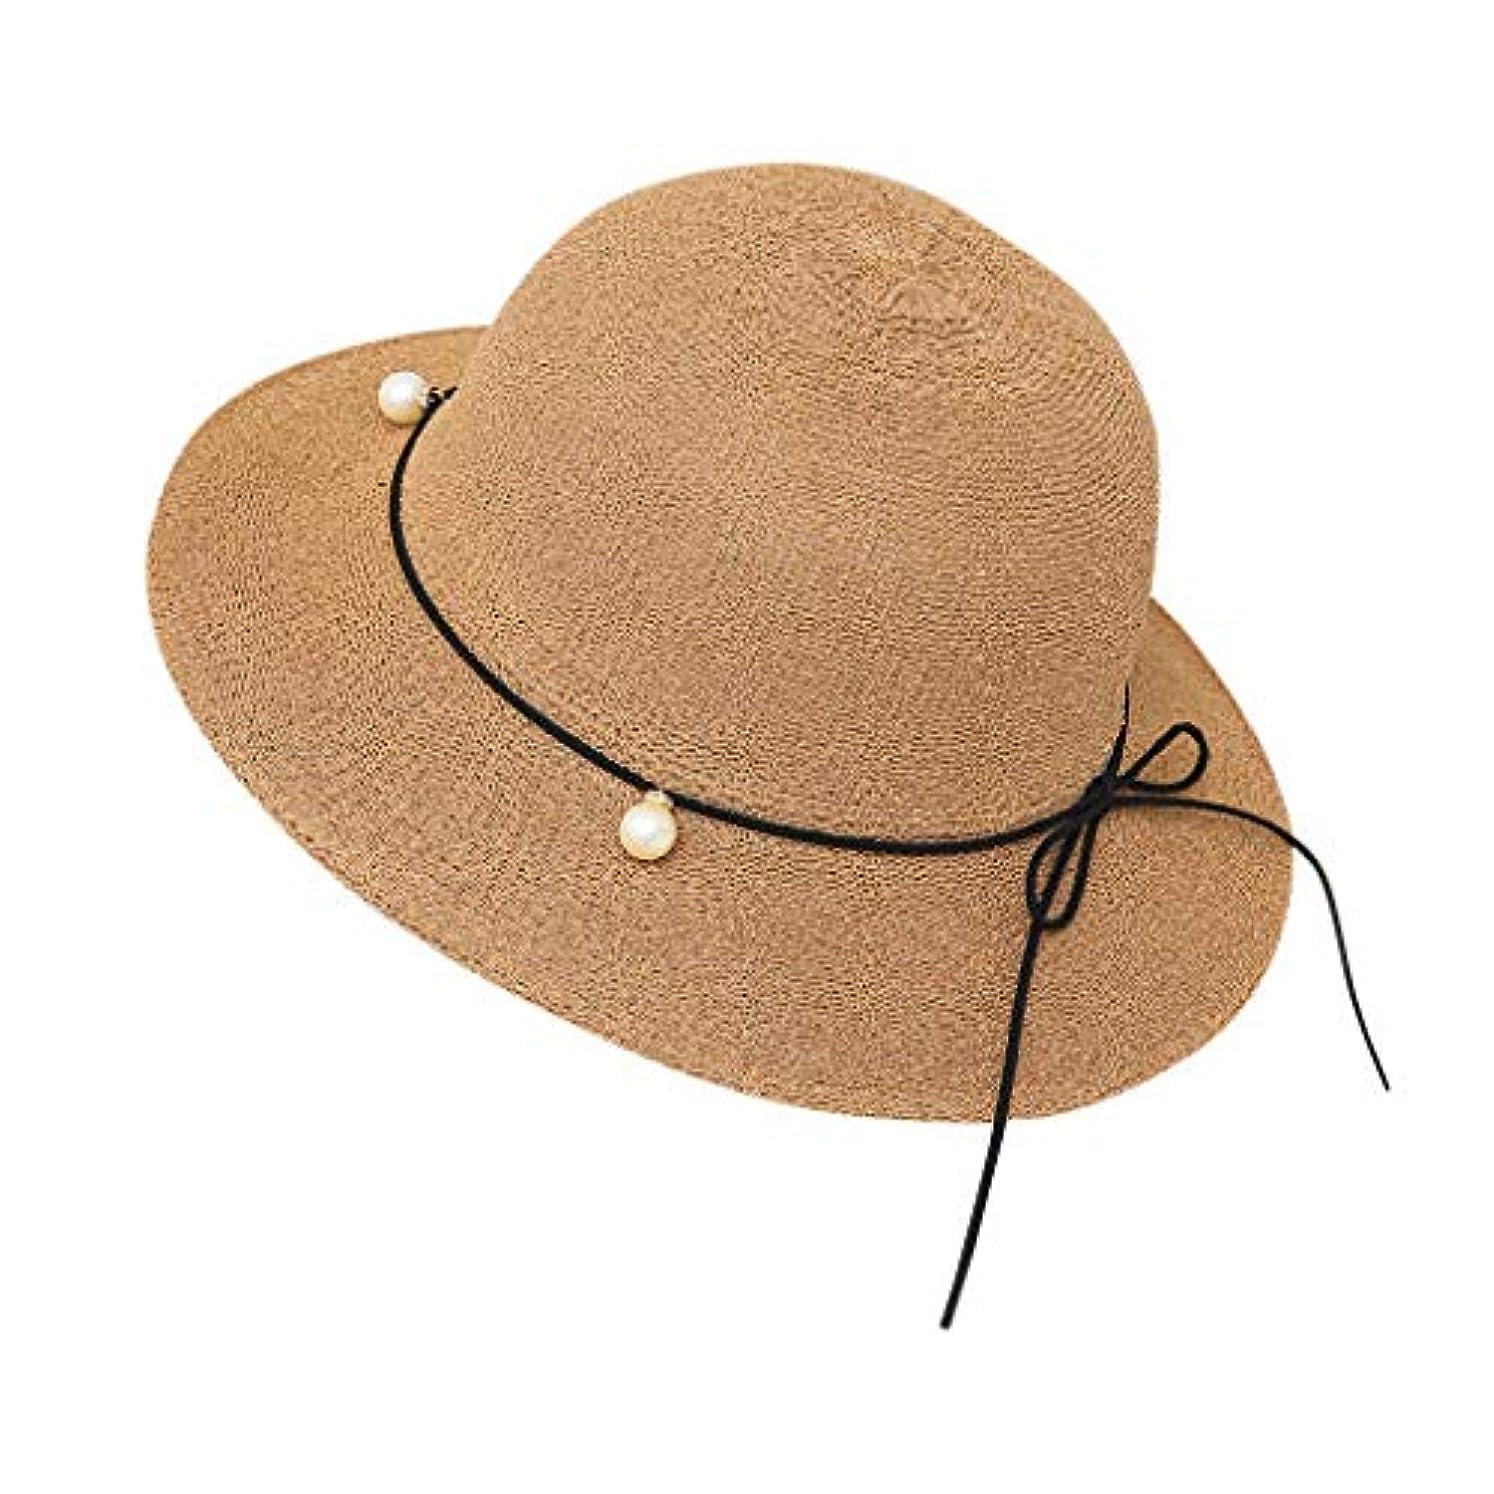 北米皿ただ帽子 レディース 夏 女性 UVカット 帽子 ハット 漁師帽 つば広 吸汗通気 紫外線対策 大きいサイズ 日焼け防止 サイズ調節 ベレー帽 帽子 レディース ビーチ 海辺 森ガール 女優帽 日よけ ROSE ROMAN